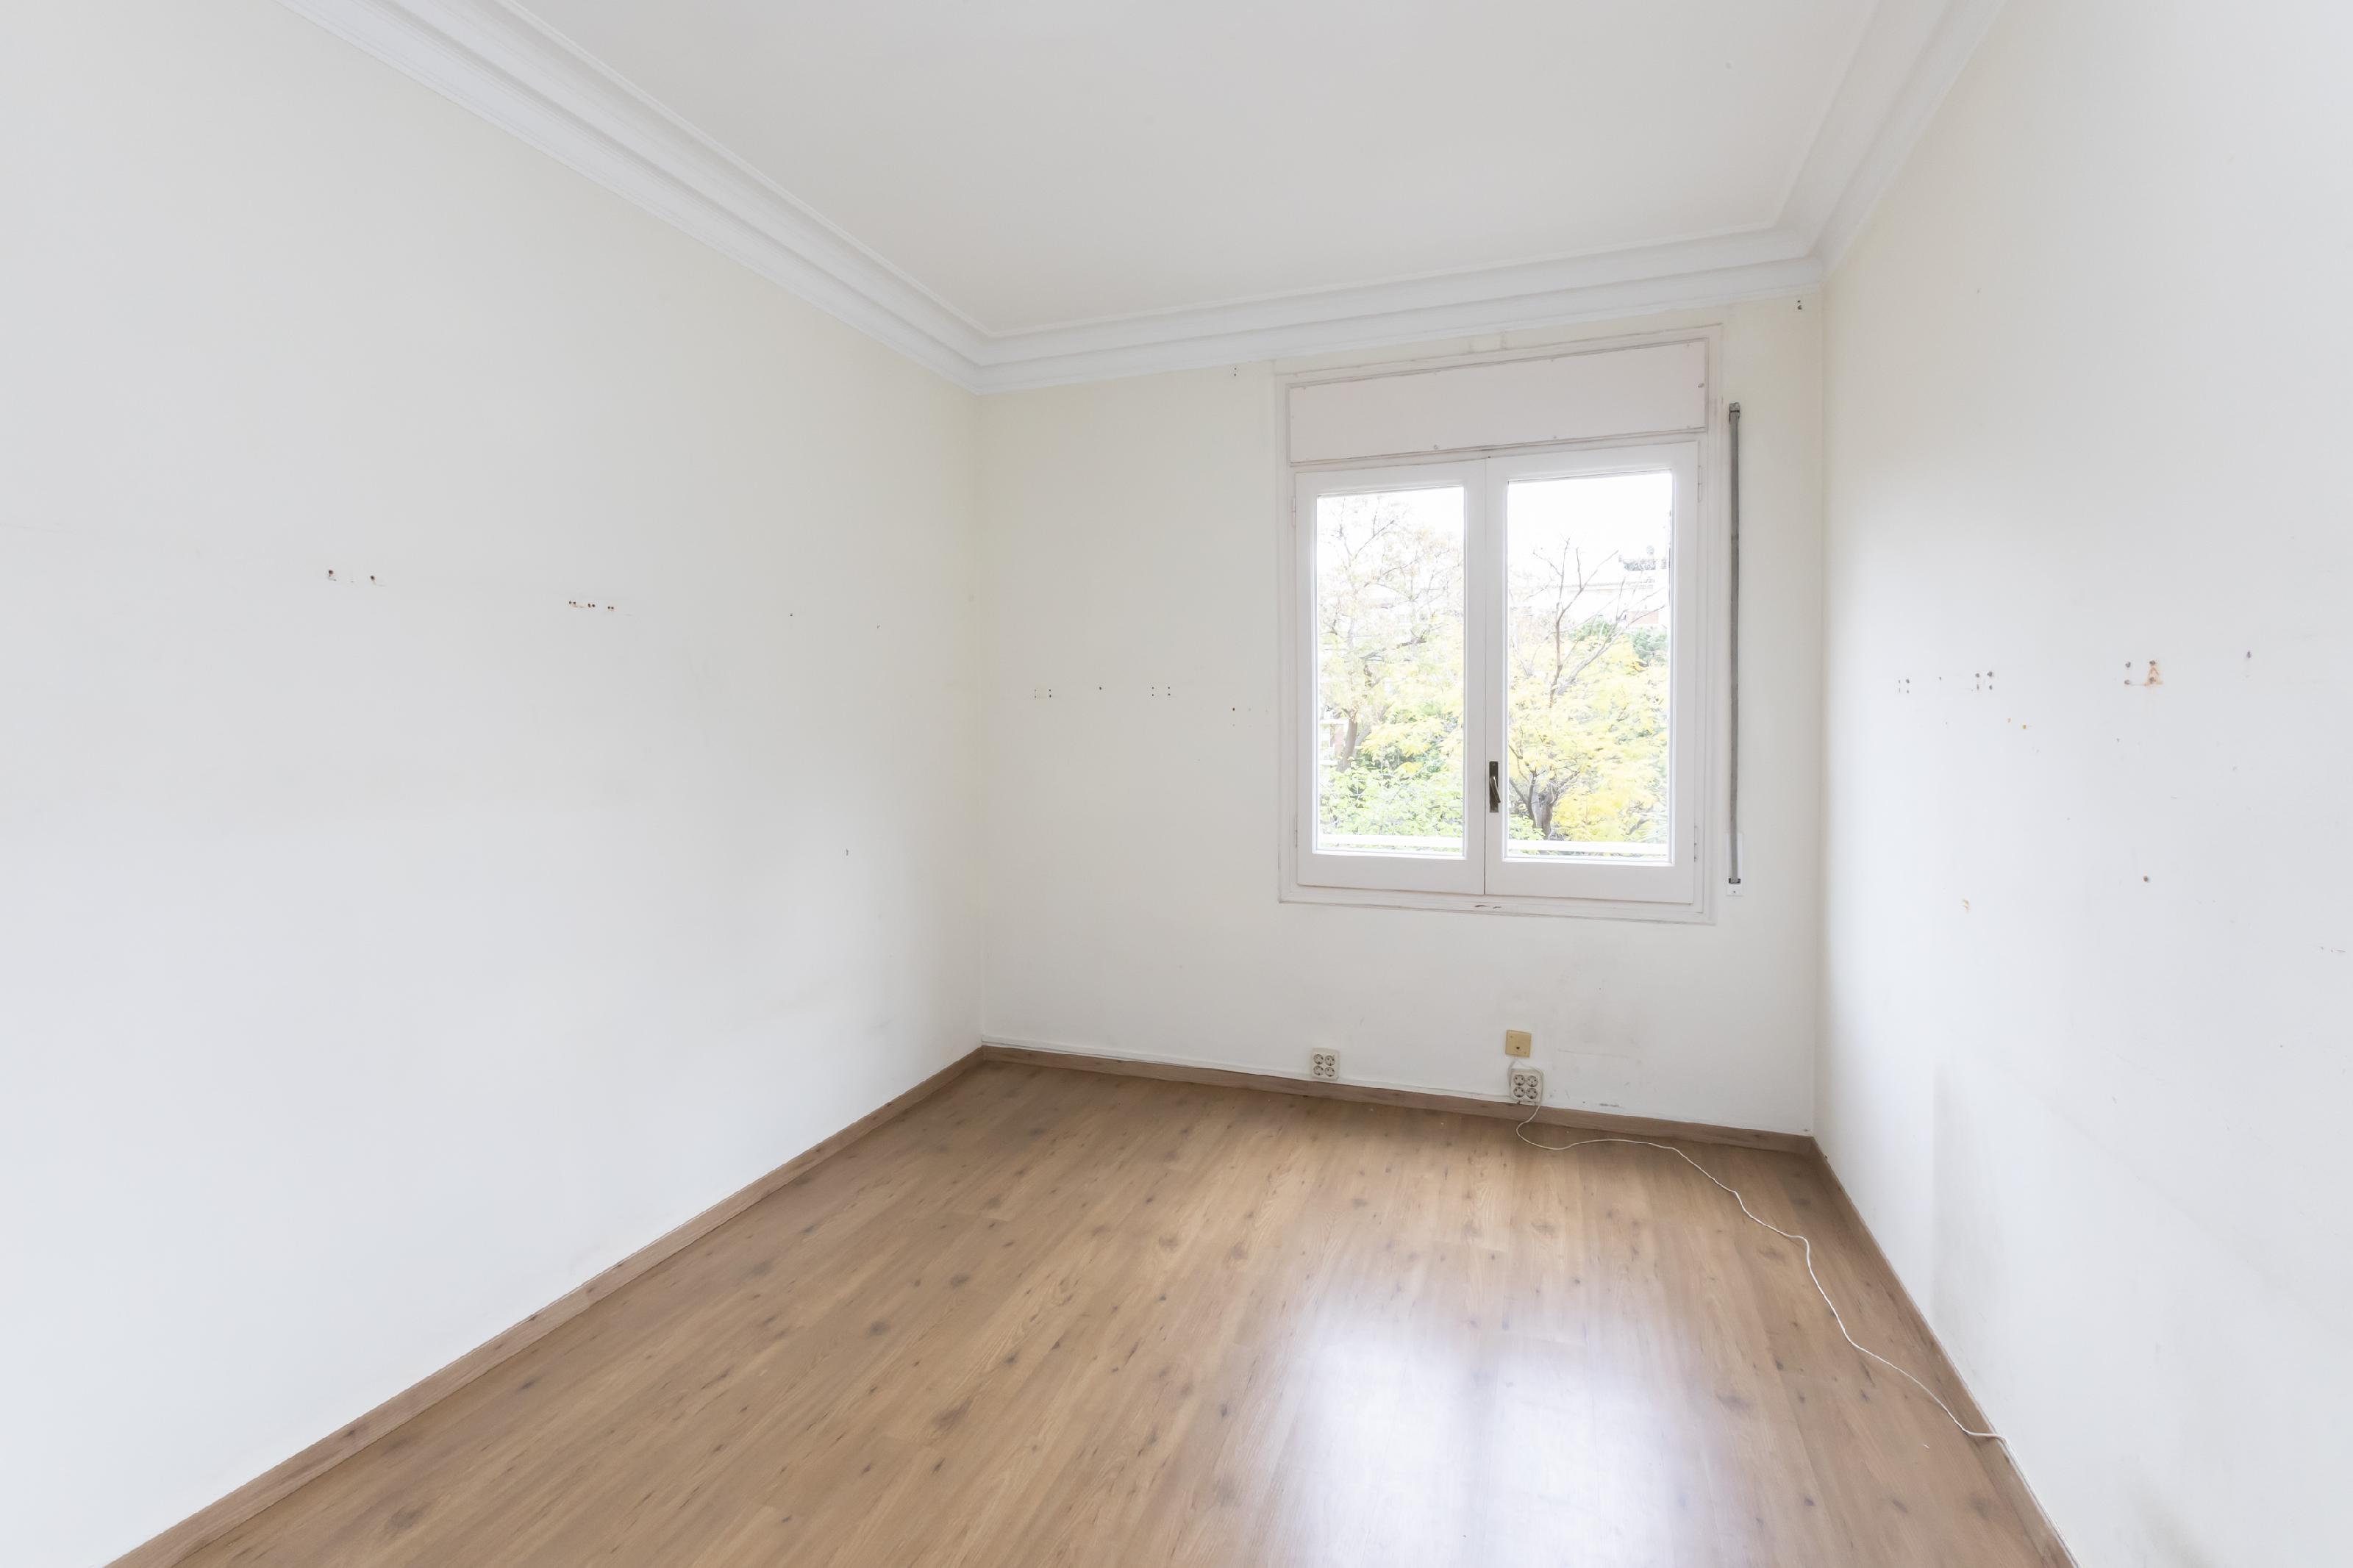 248888 Flat for sale in Sarrià-Sant Gervasi, St. Gervasi-Bonanova 9